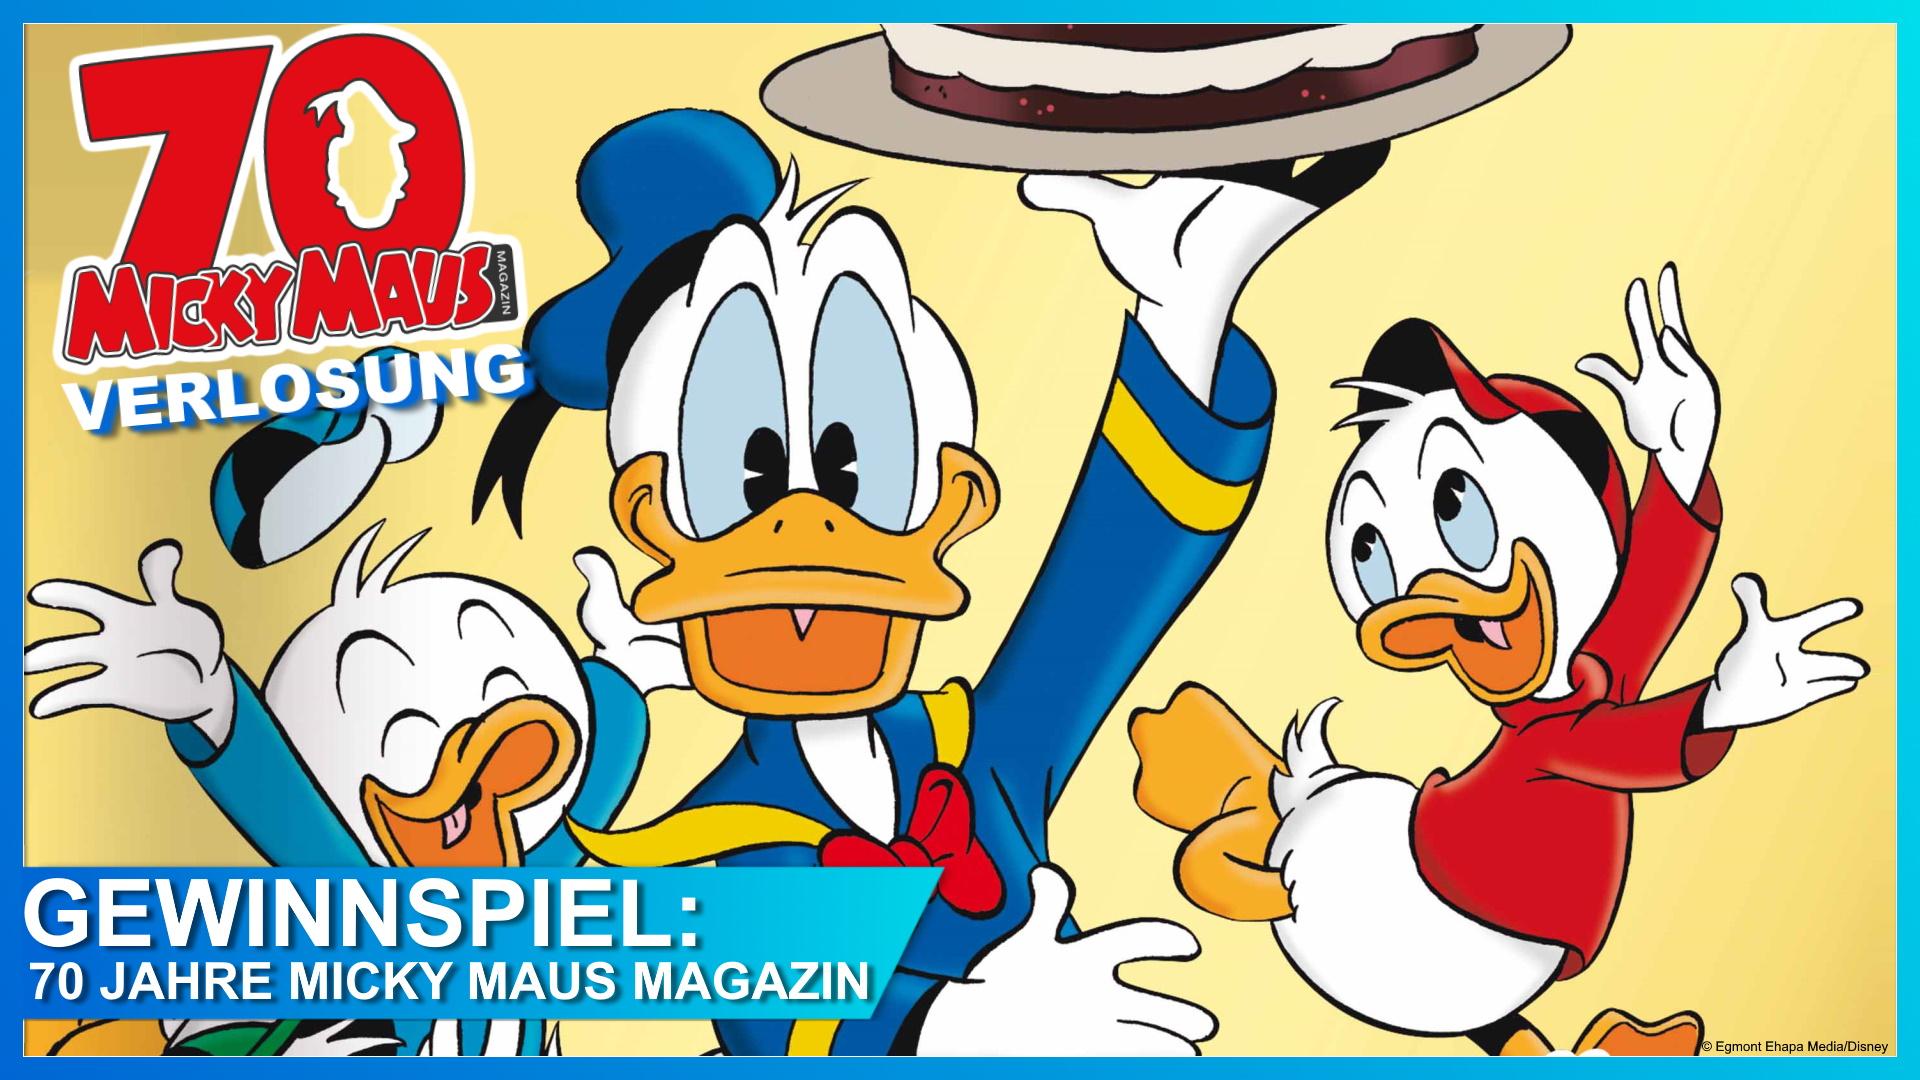 70 Jahre Micky Maus Magazin Gewinnspiel